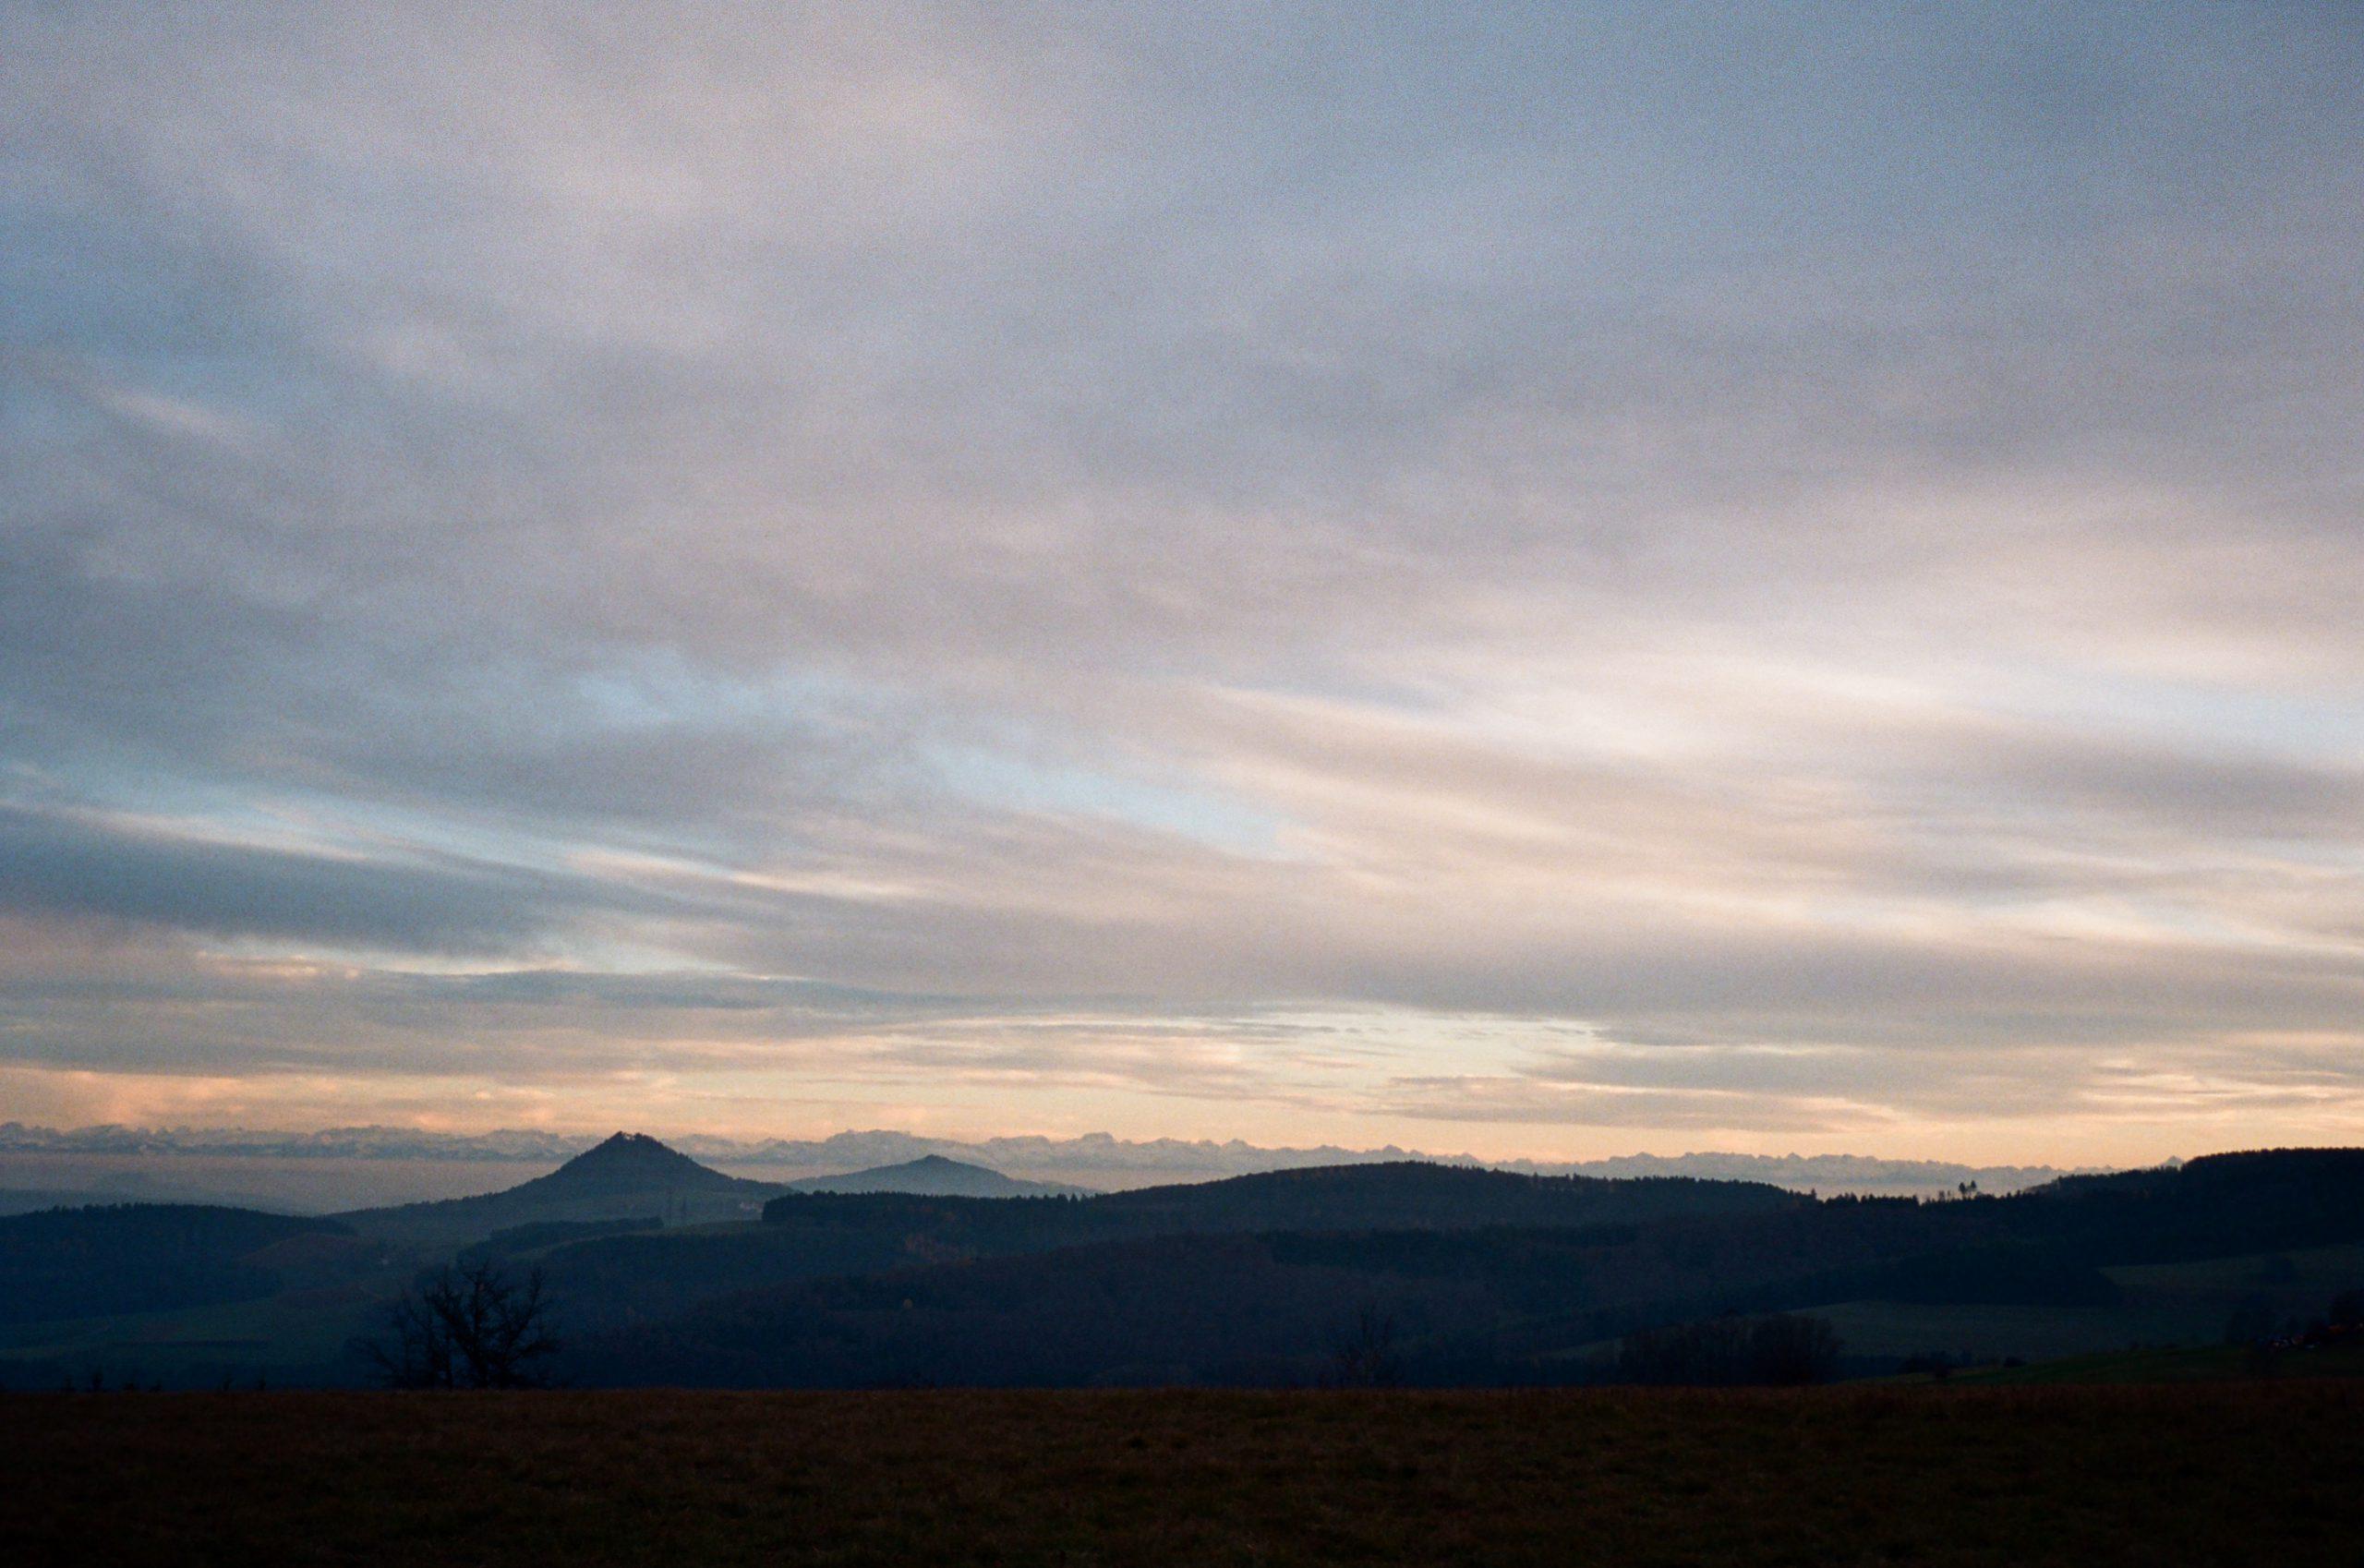 Im letzten Abendlicht scheinen sich die Hegauvulkane direkt in die (tatsächlich ziemlich weit entfernte) Alpenkette fortzusetzen. Beachtliche Detailzeichnung und Farben angesichts der Ausrüstung, die nun wirklich nicht high end ist. Voigtländer Color Skopar 35/2.5 an Bessa T. Kodak Ultramax 400.